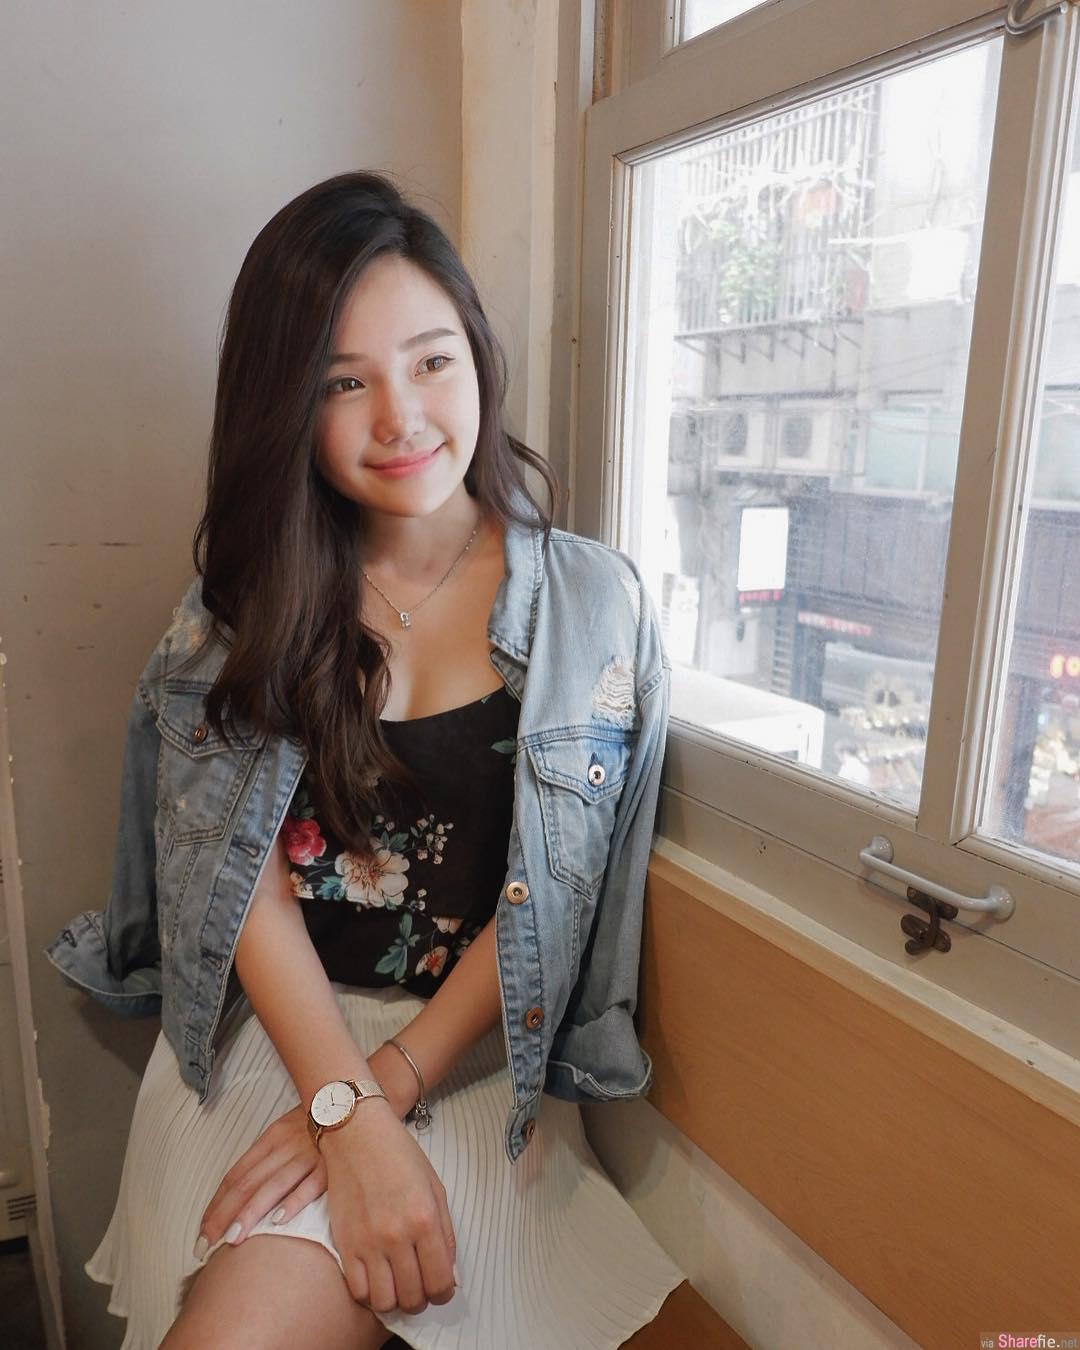 大马正妹Pui Ying,甜甜淡淡的微笑最迷人